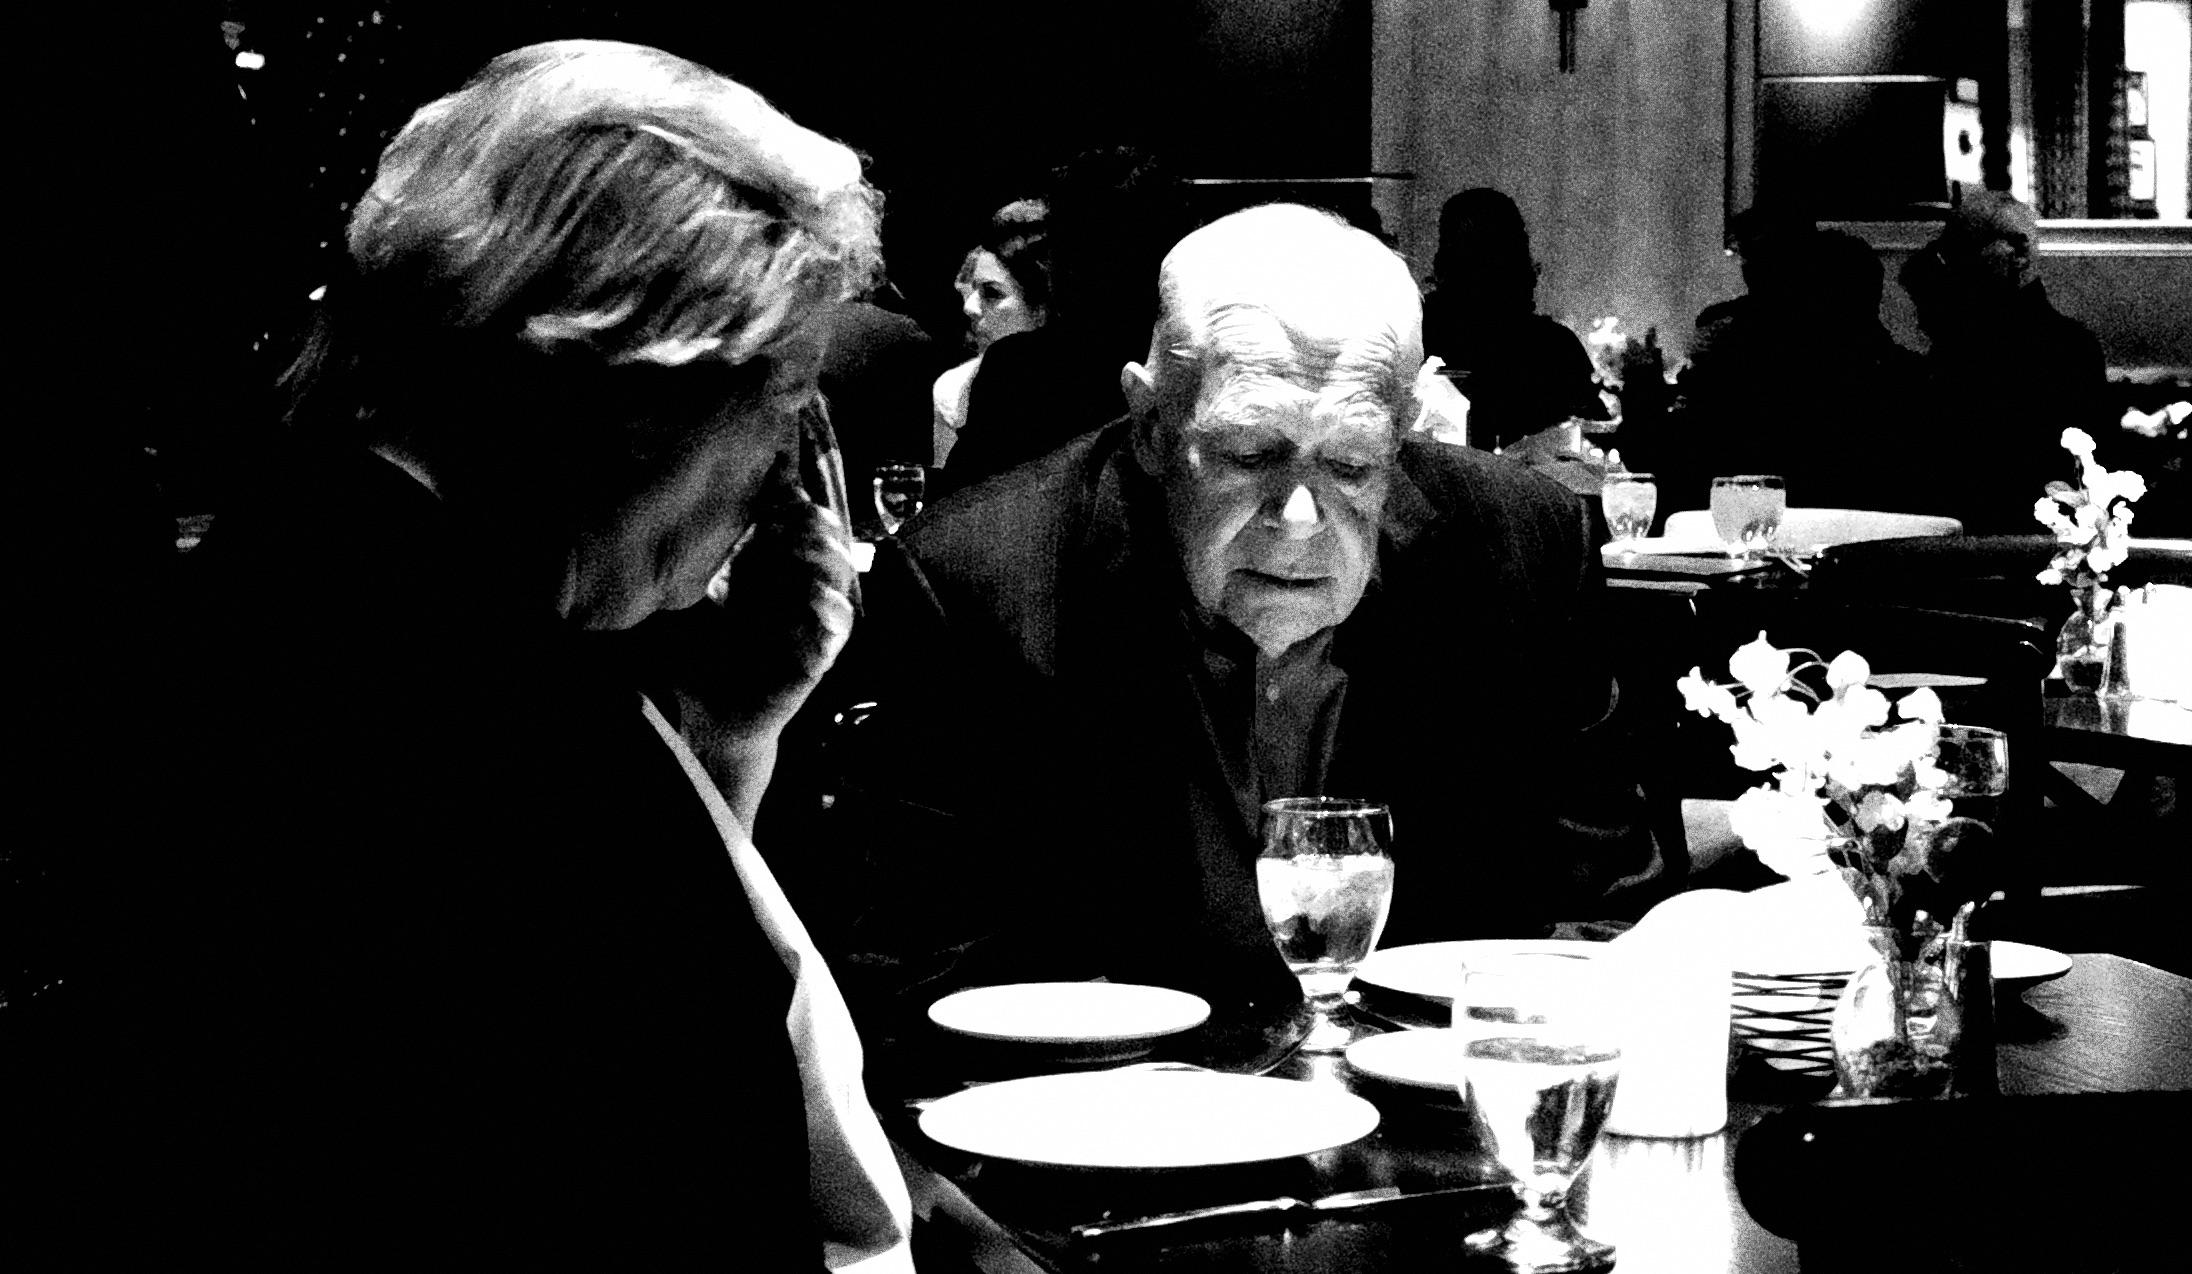 Older couple having dinner at fancy restaurant.